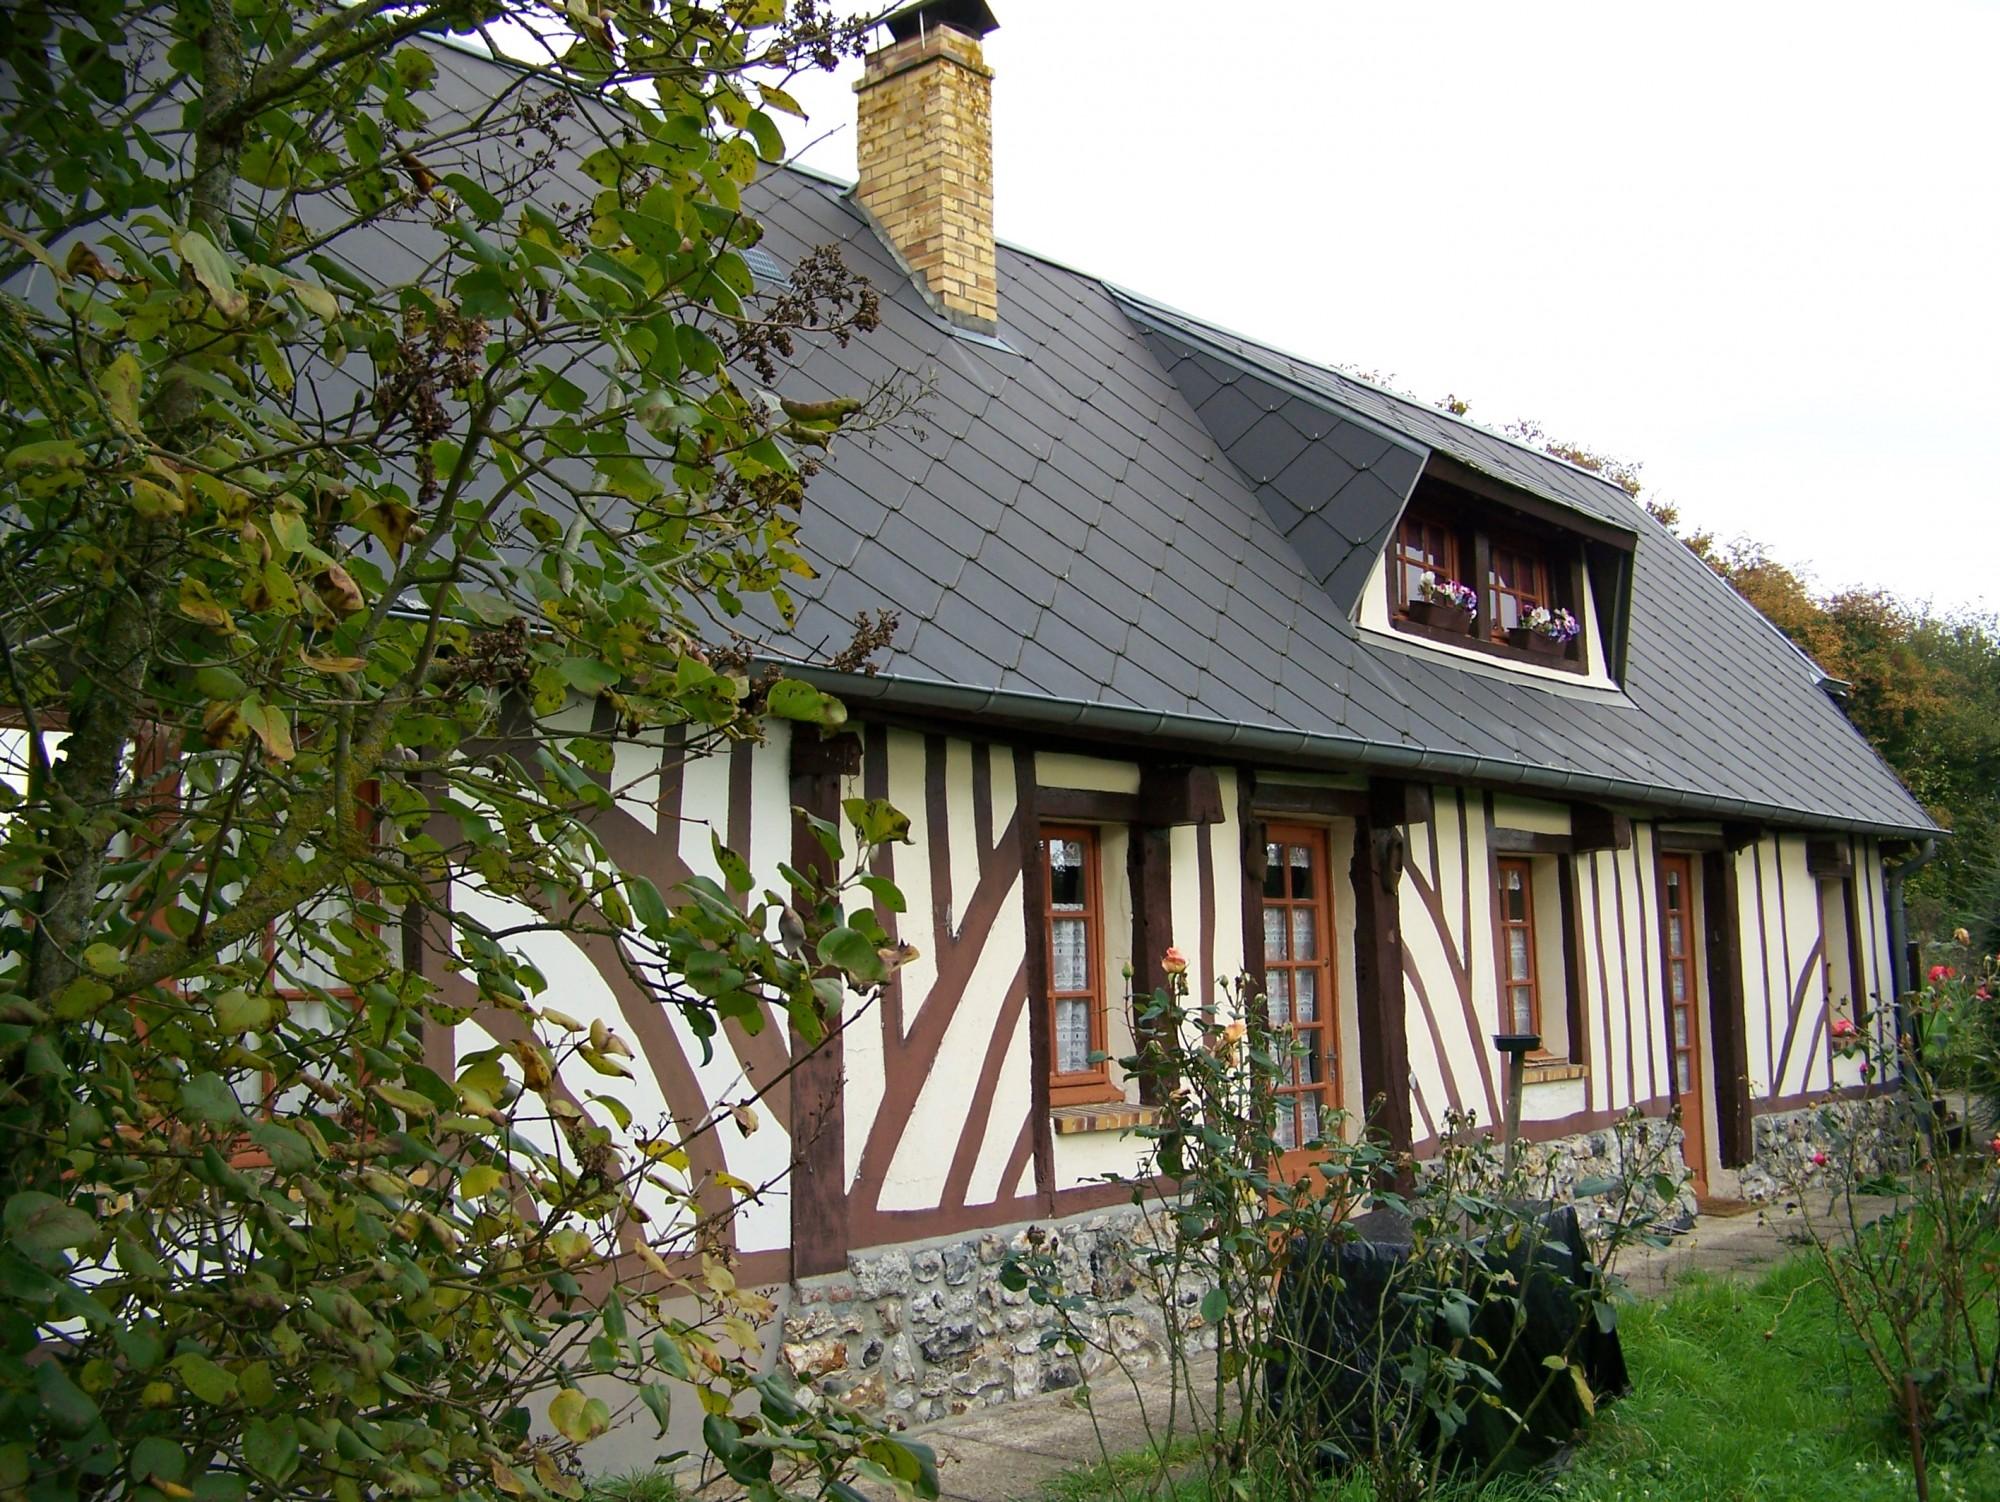 Nos biens a deauville honfleur et cabourg maison normande for Restauration maison normande